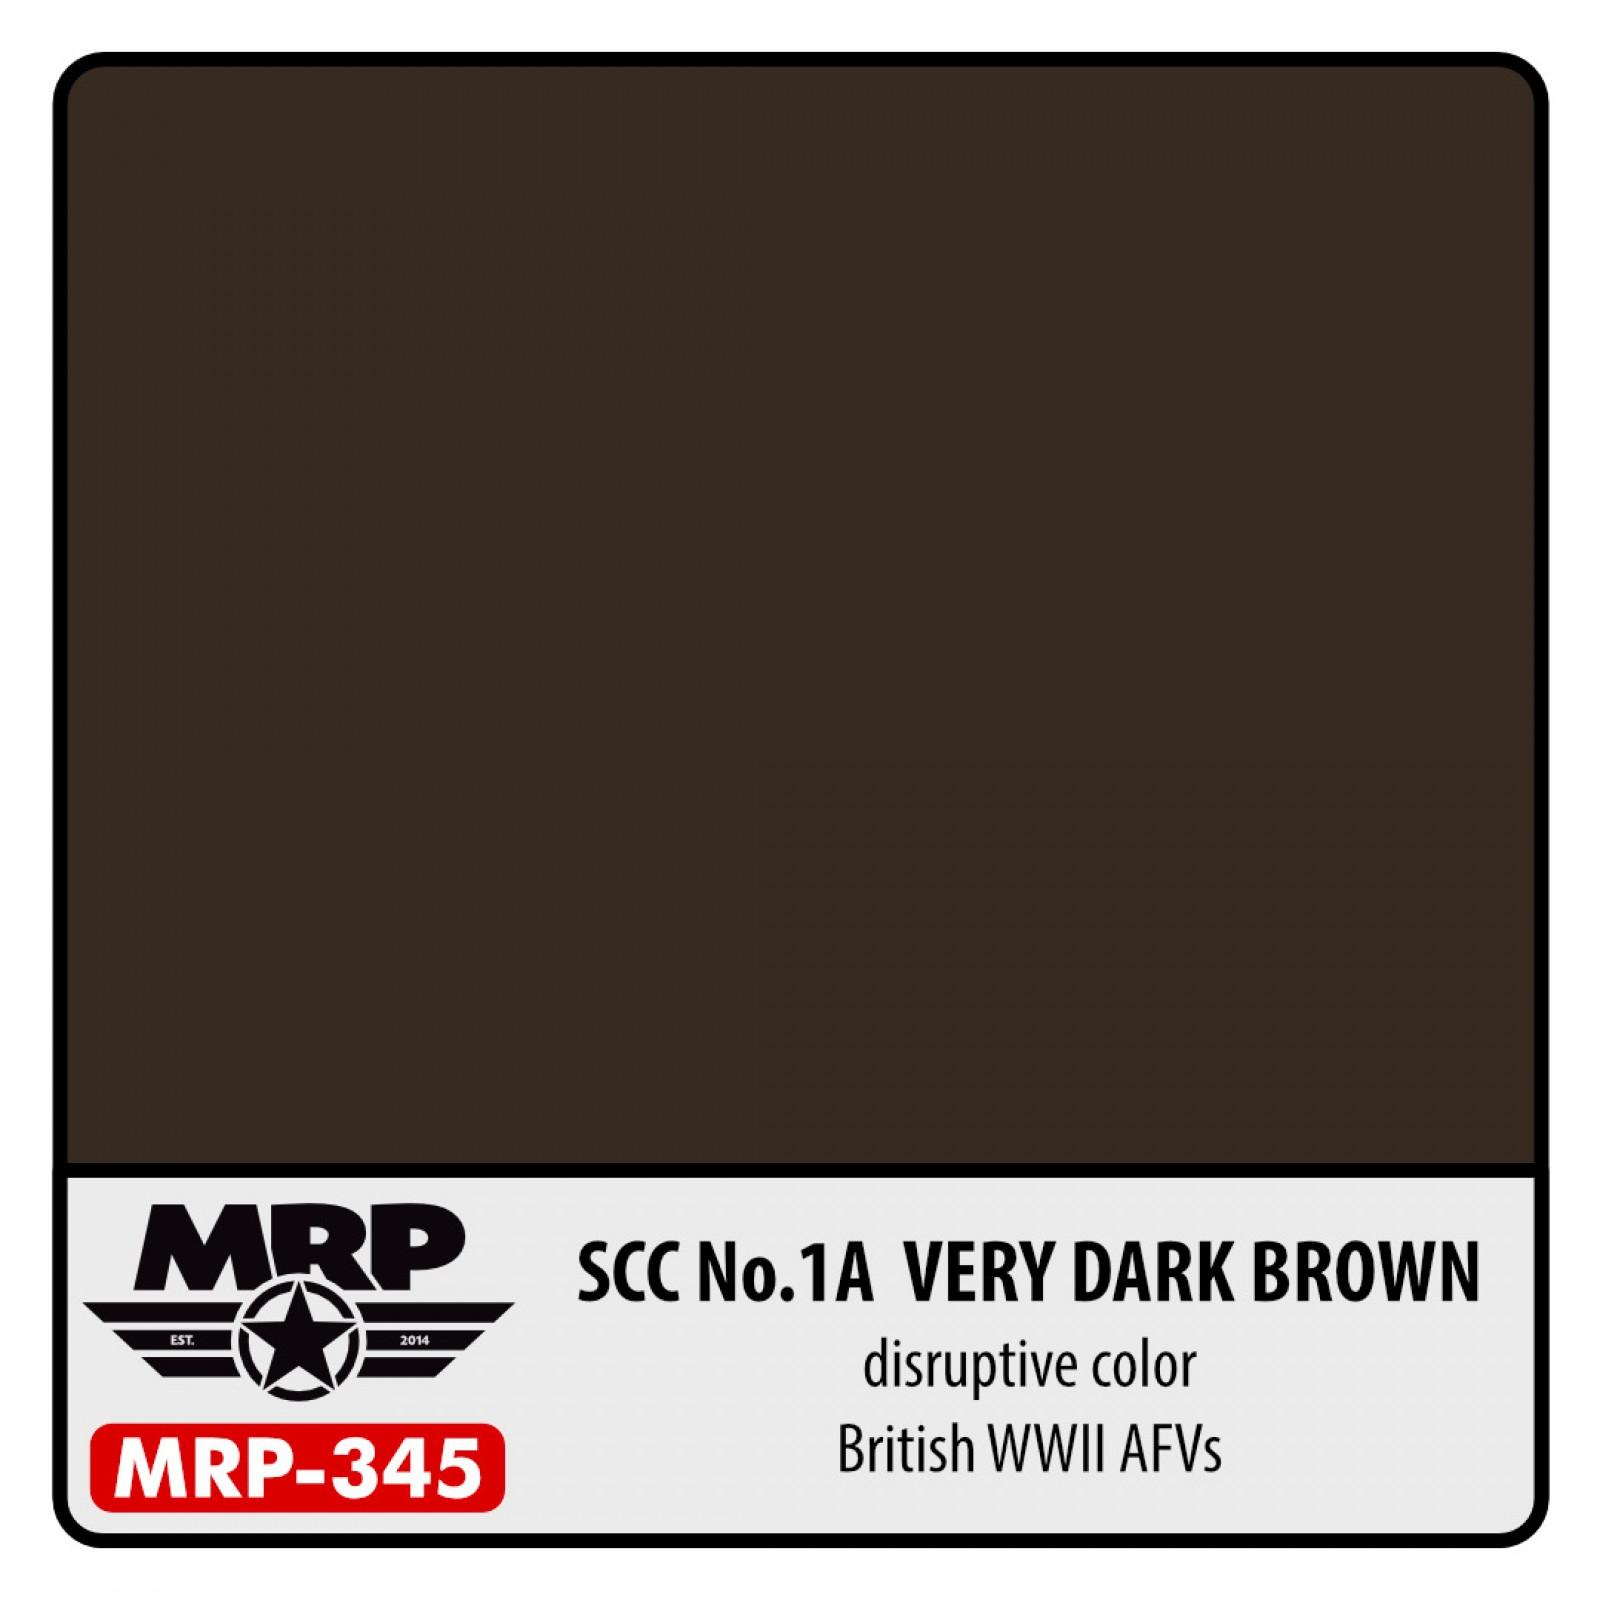 MRP-345  SCC No.1A